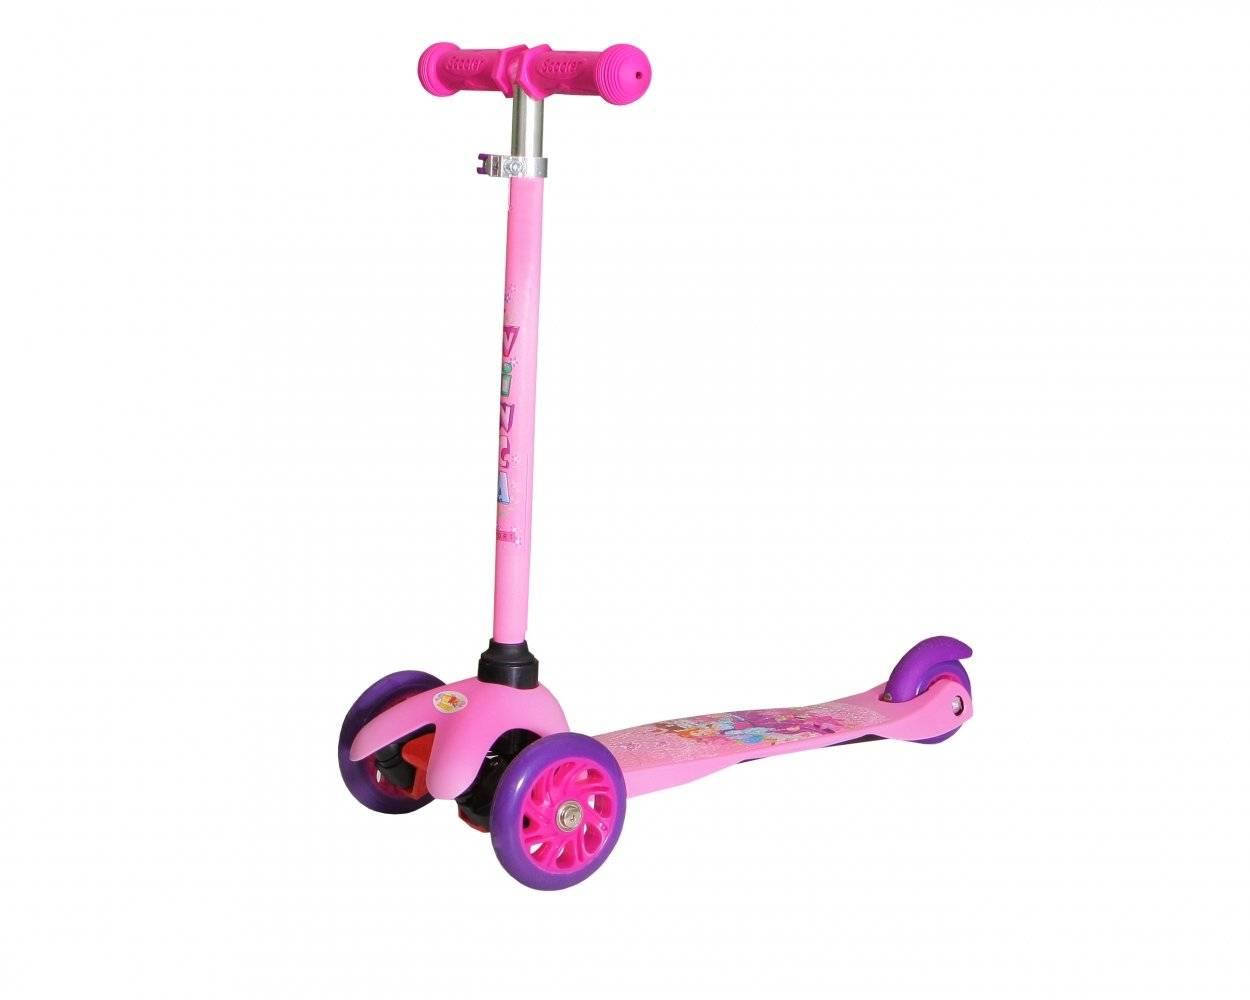 Самокат Vinca Sport, регулируемый детский, материал руля и стойки руля -Al, трёхколёсный, VSP 9 PRINCESS KATE